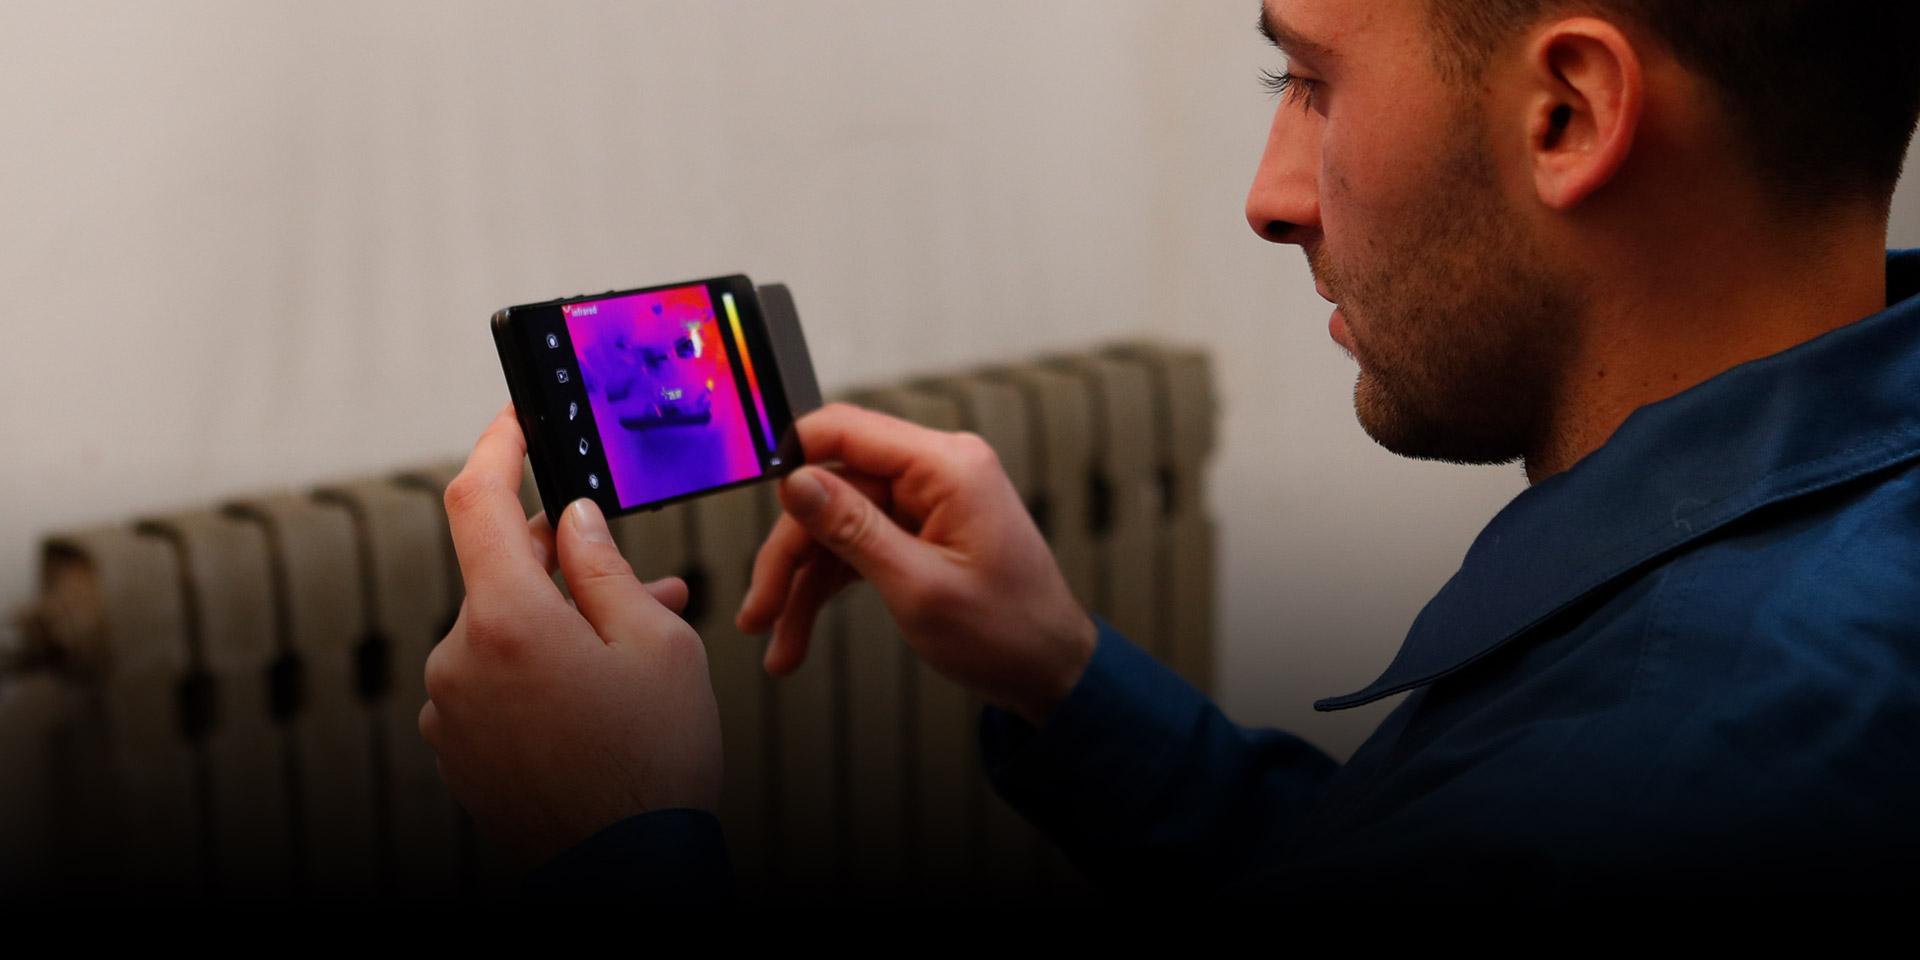 艾睿光电红外热成像仪应用于建筑暖通